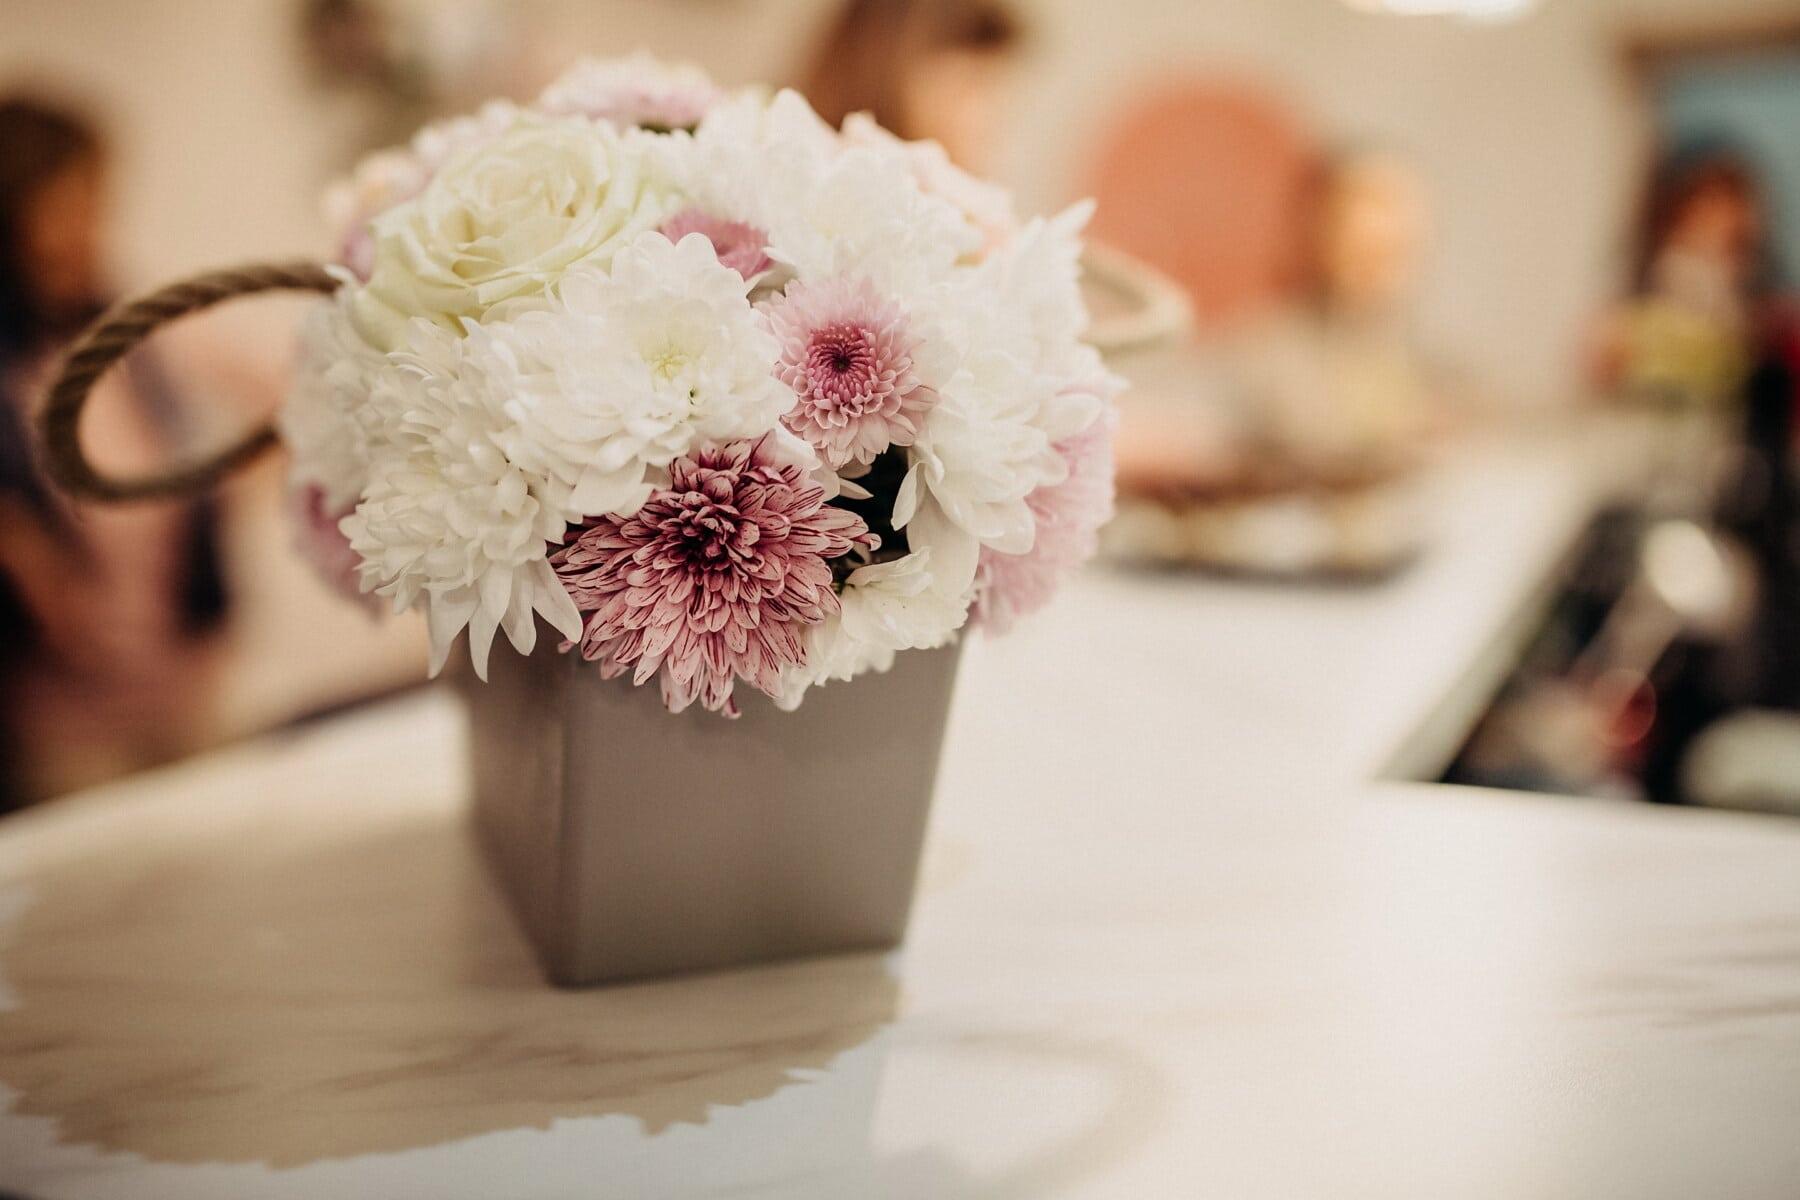 情人节, 礼物, 束, 柔和, 表, 装饰, 安排, 粉色, 花, 婚礼